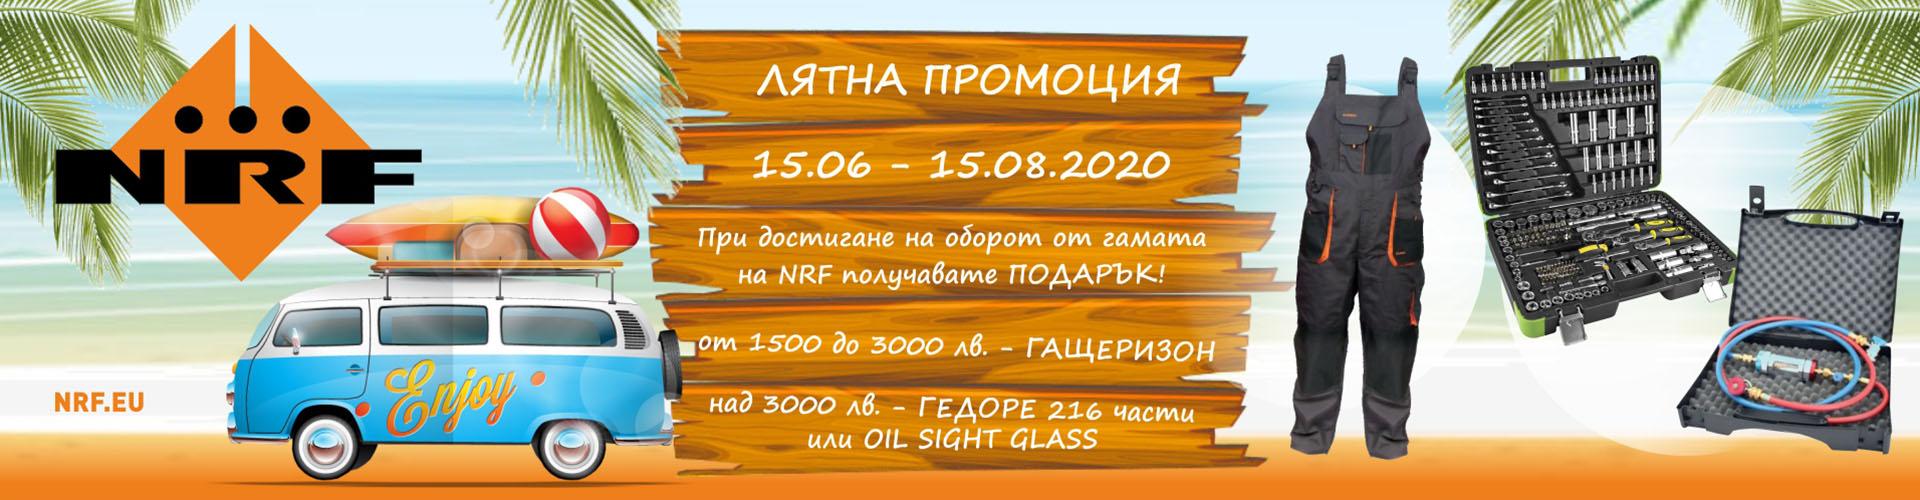 promo_nrf_15.06.2020-15.08.2020_banner.jpg